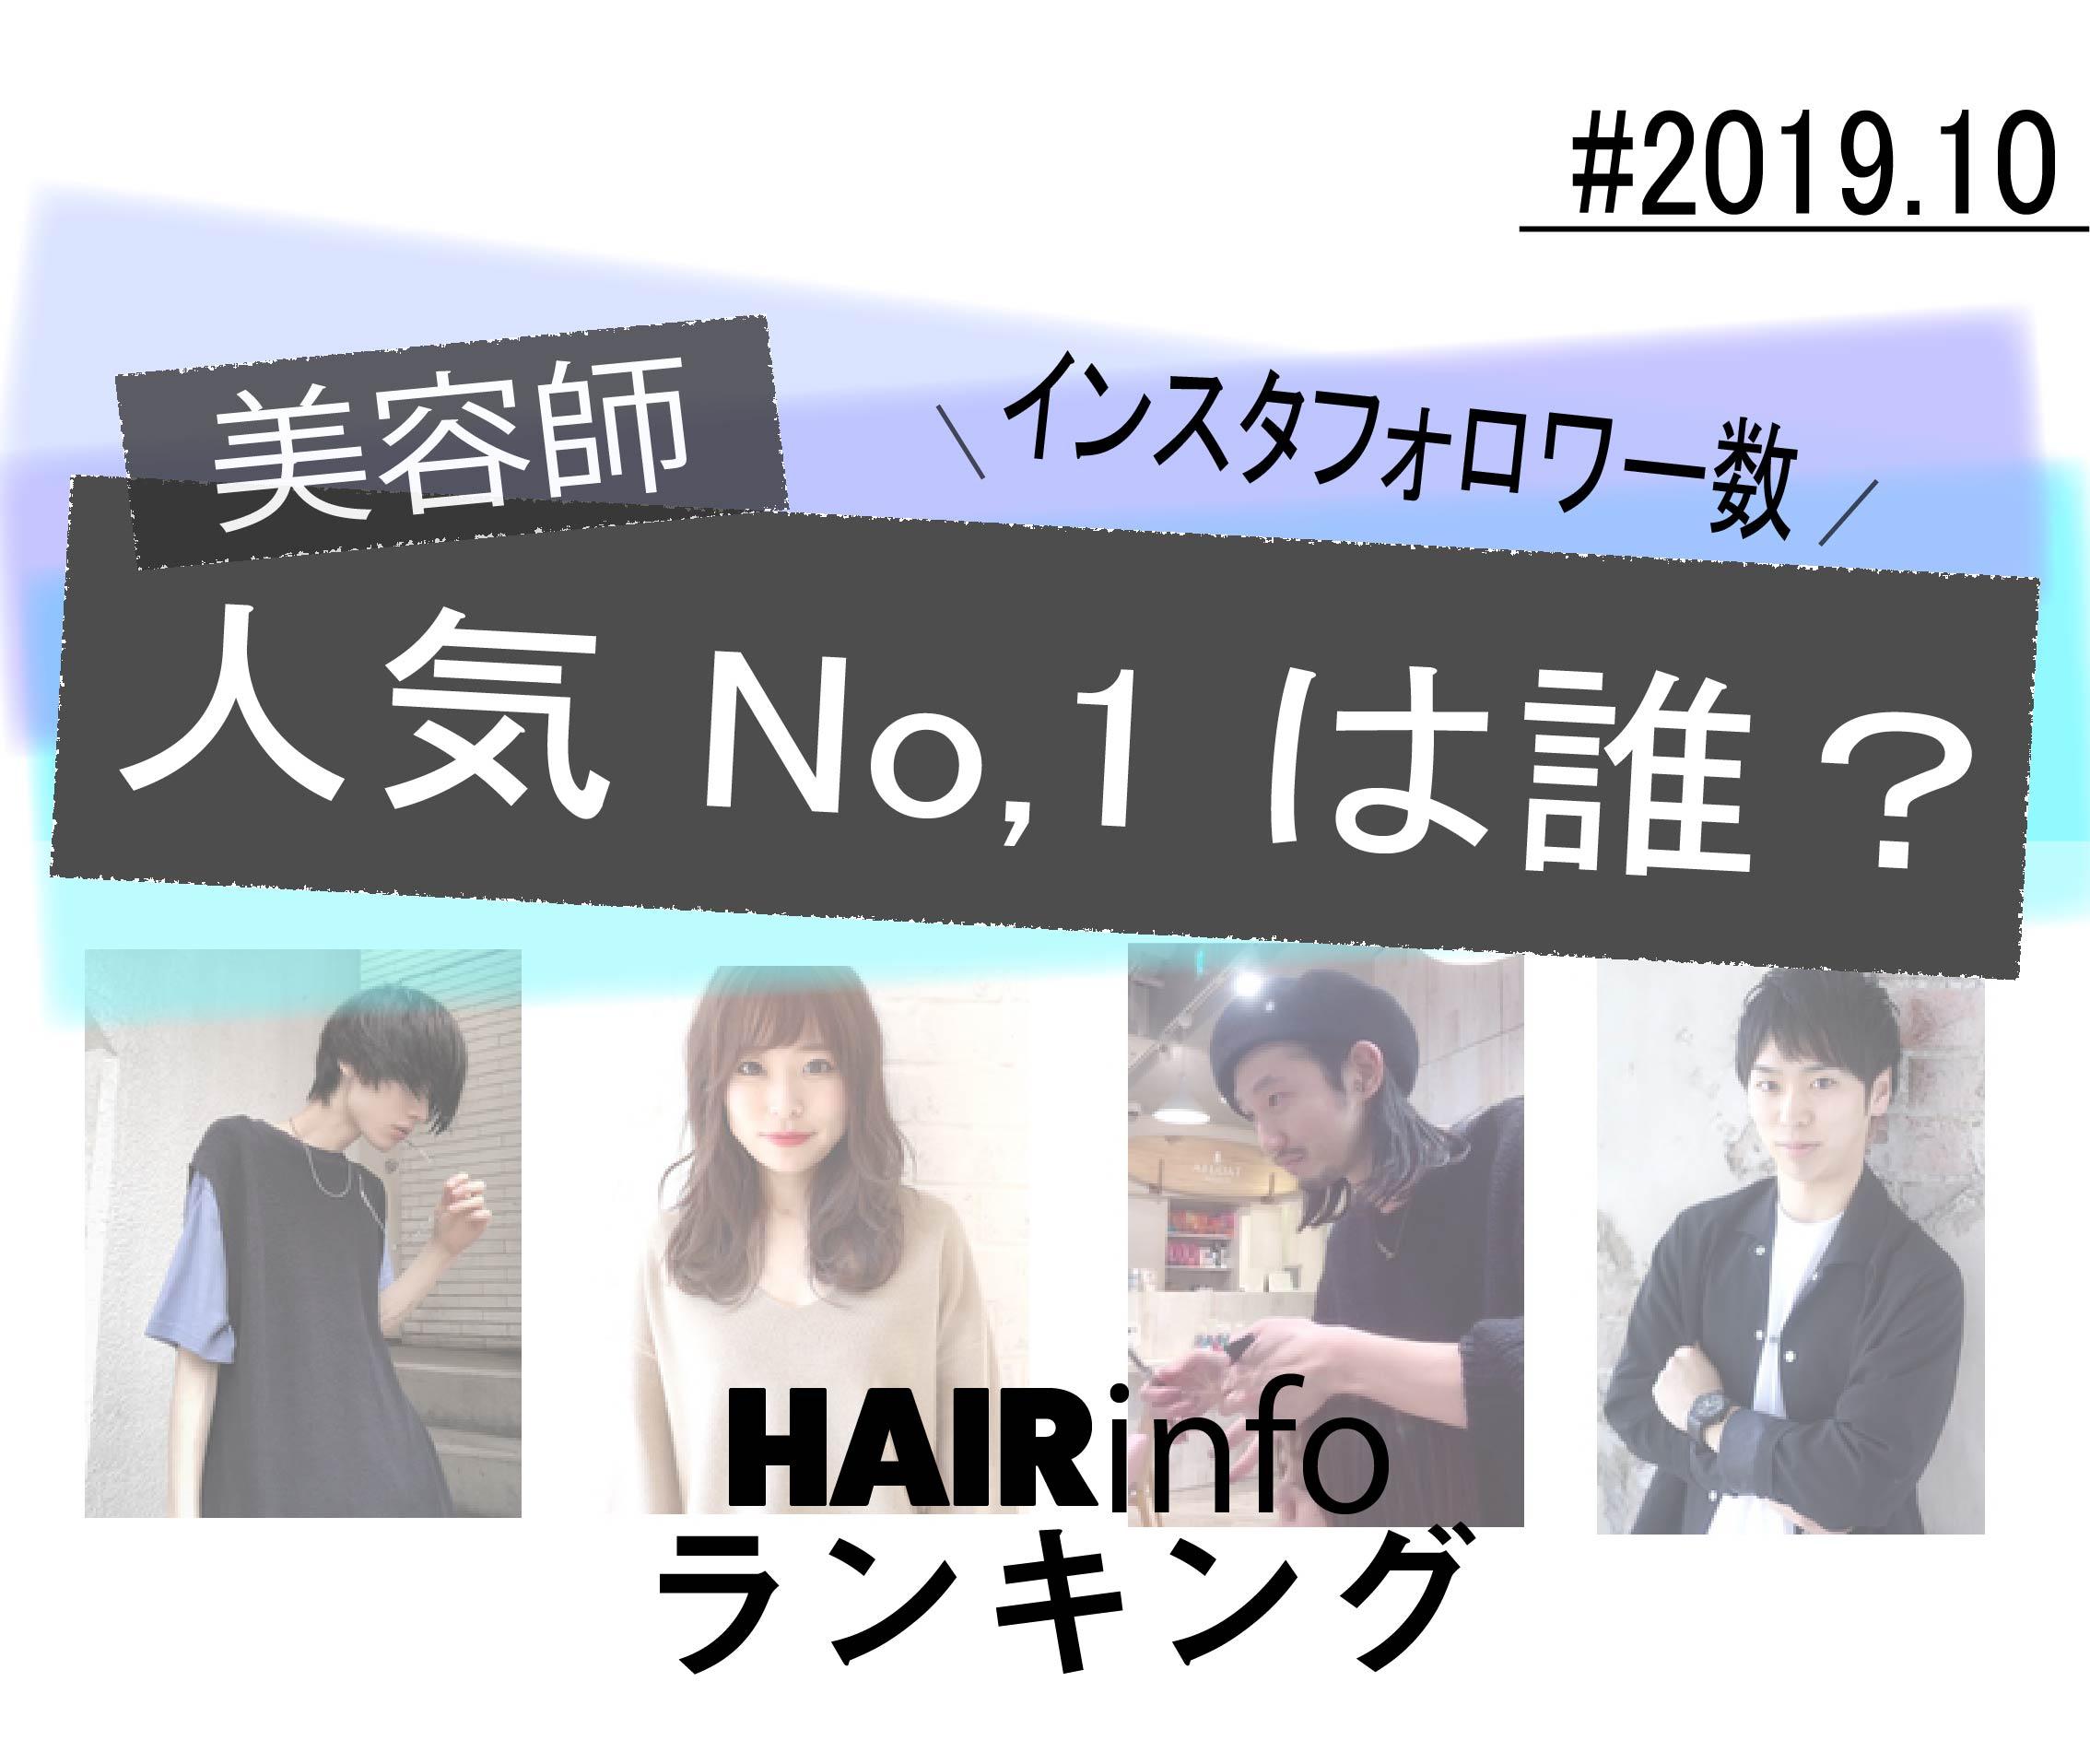 【2019年10月】インスタグラム フォロワー増加ランキング